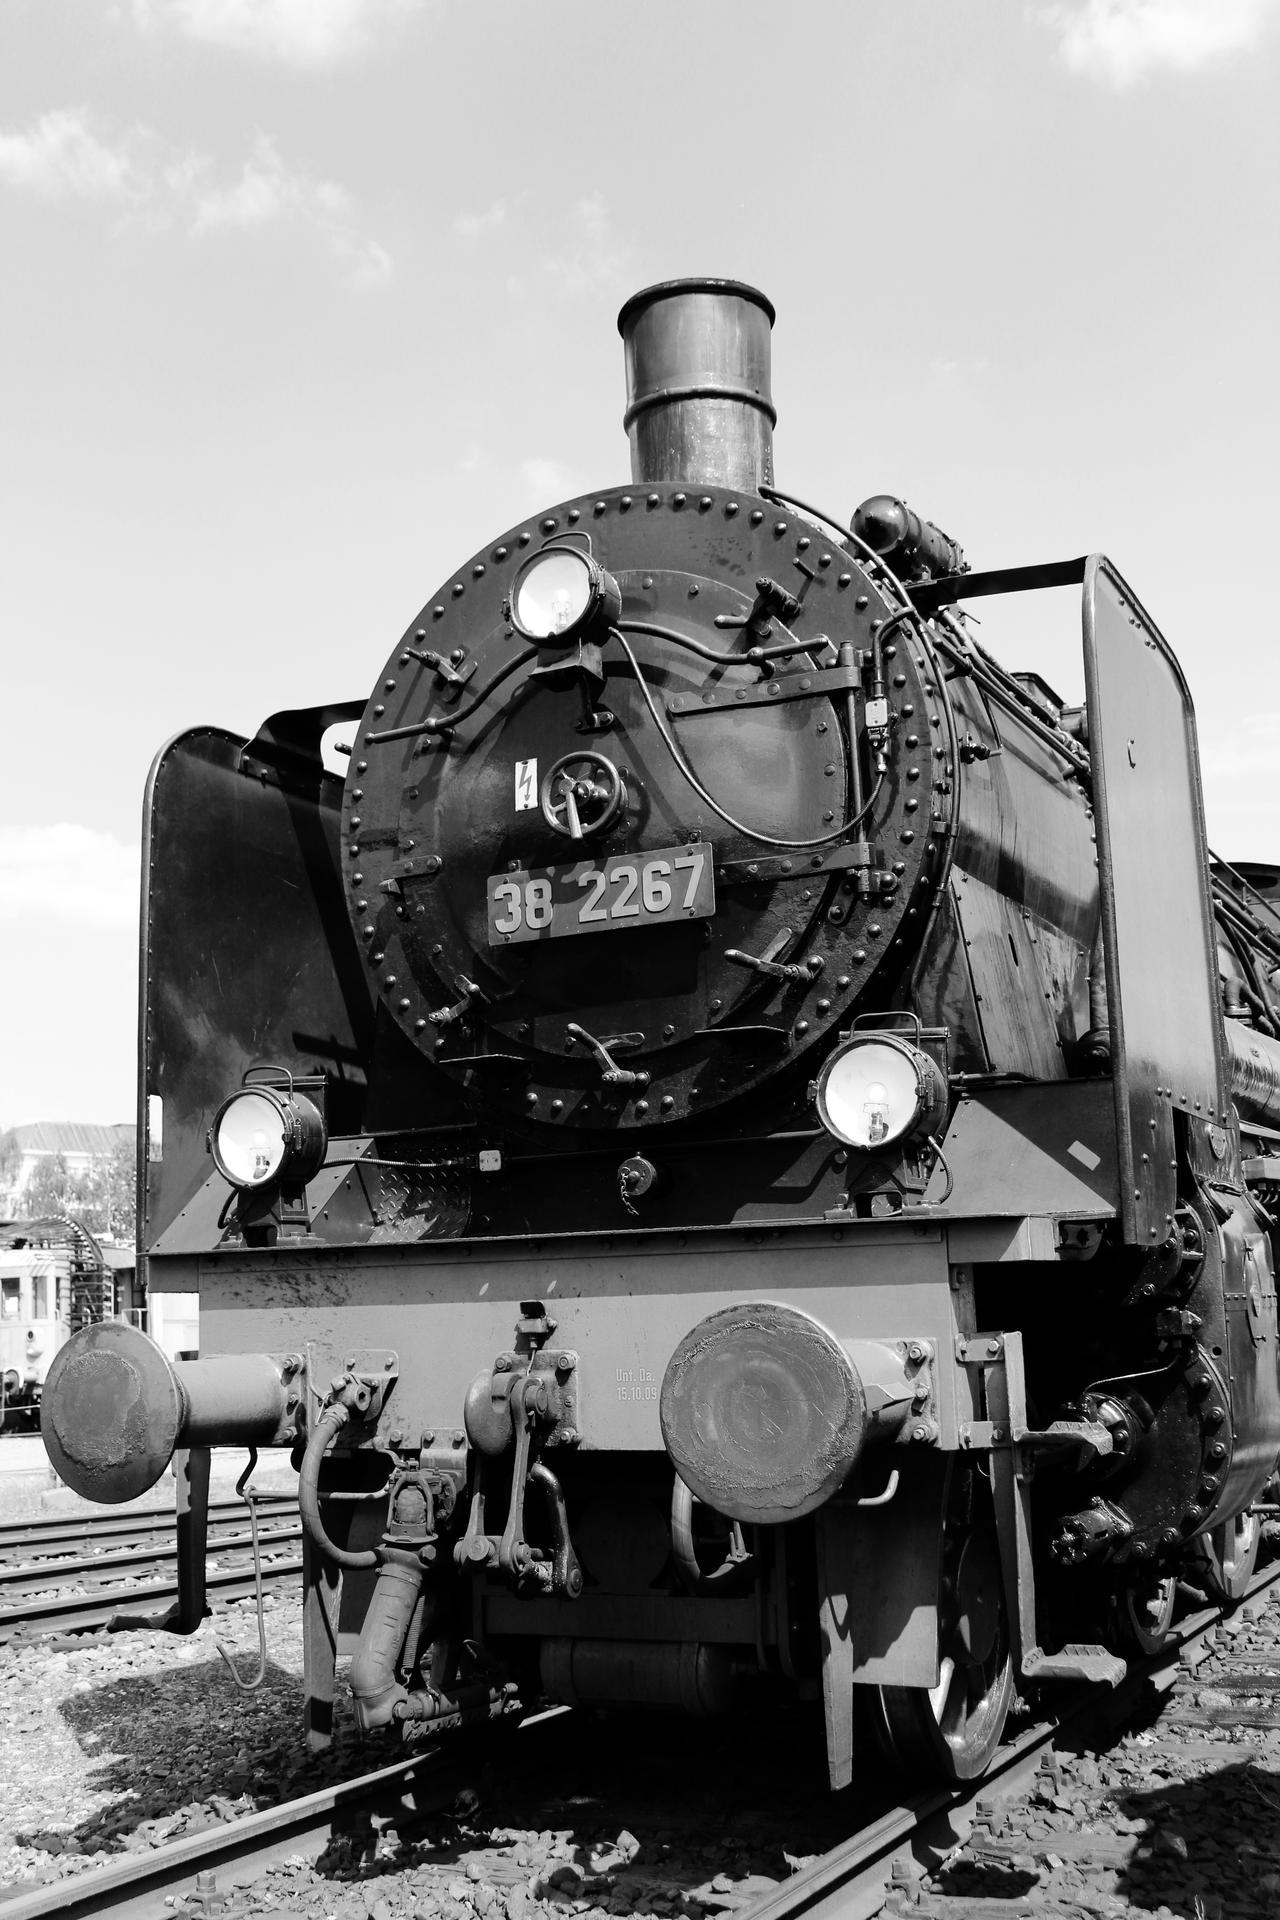 Class 38 Steam locomotive front by RandyFisher on DeviantArt